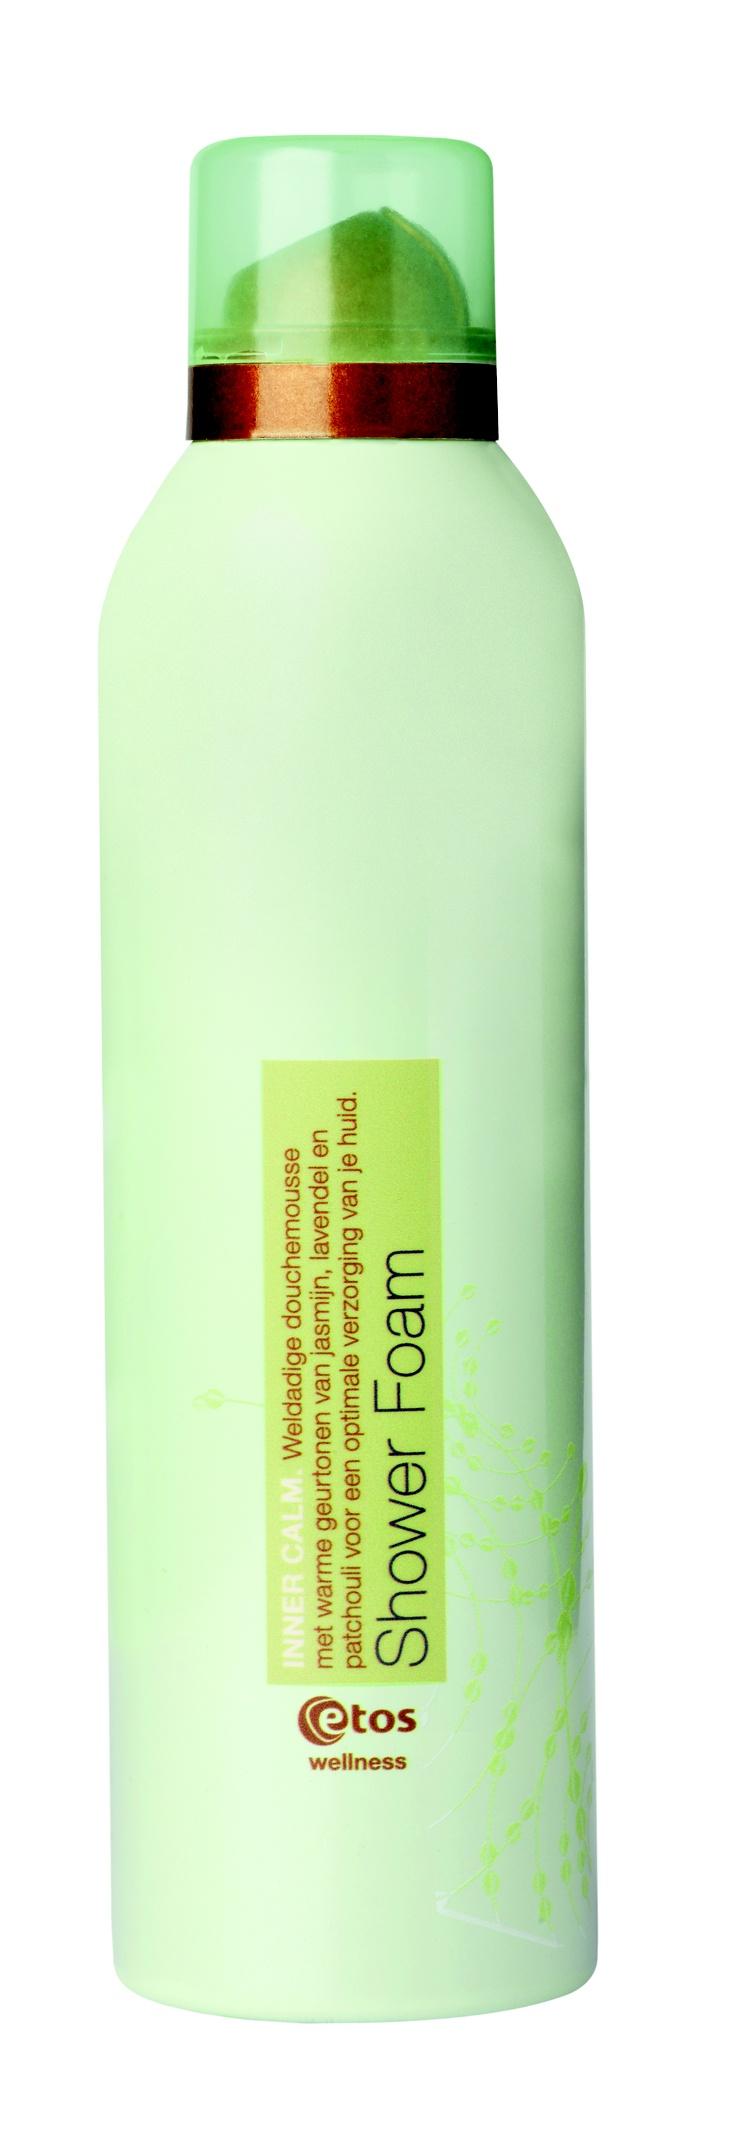 Weldadige douchemousse met warme geurtonen van jasmijn, lavendel en patchouli voor een optimale verzorging van je huid. Etos Wellness Inner Calm Shower Foam, 200 ml - € 4.99